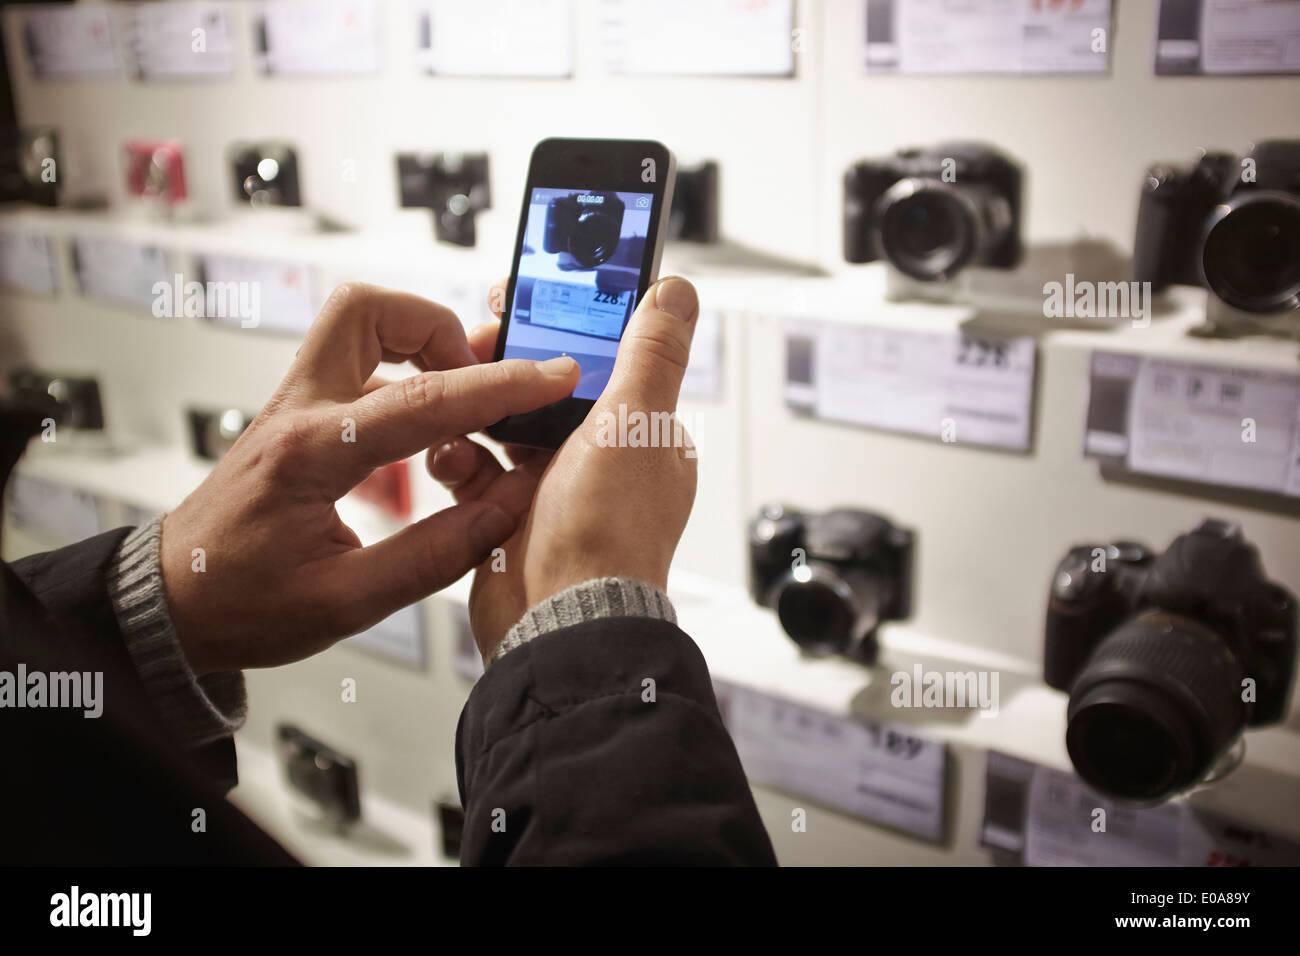 Metà uomo adulto fotografare la fotocamera in negozio il display utilizza lo smartphone Foto Stock